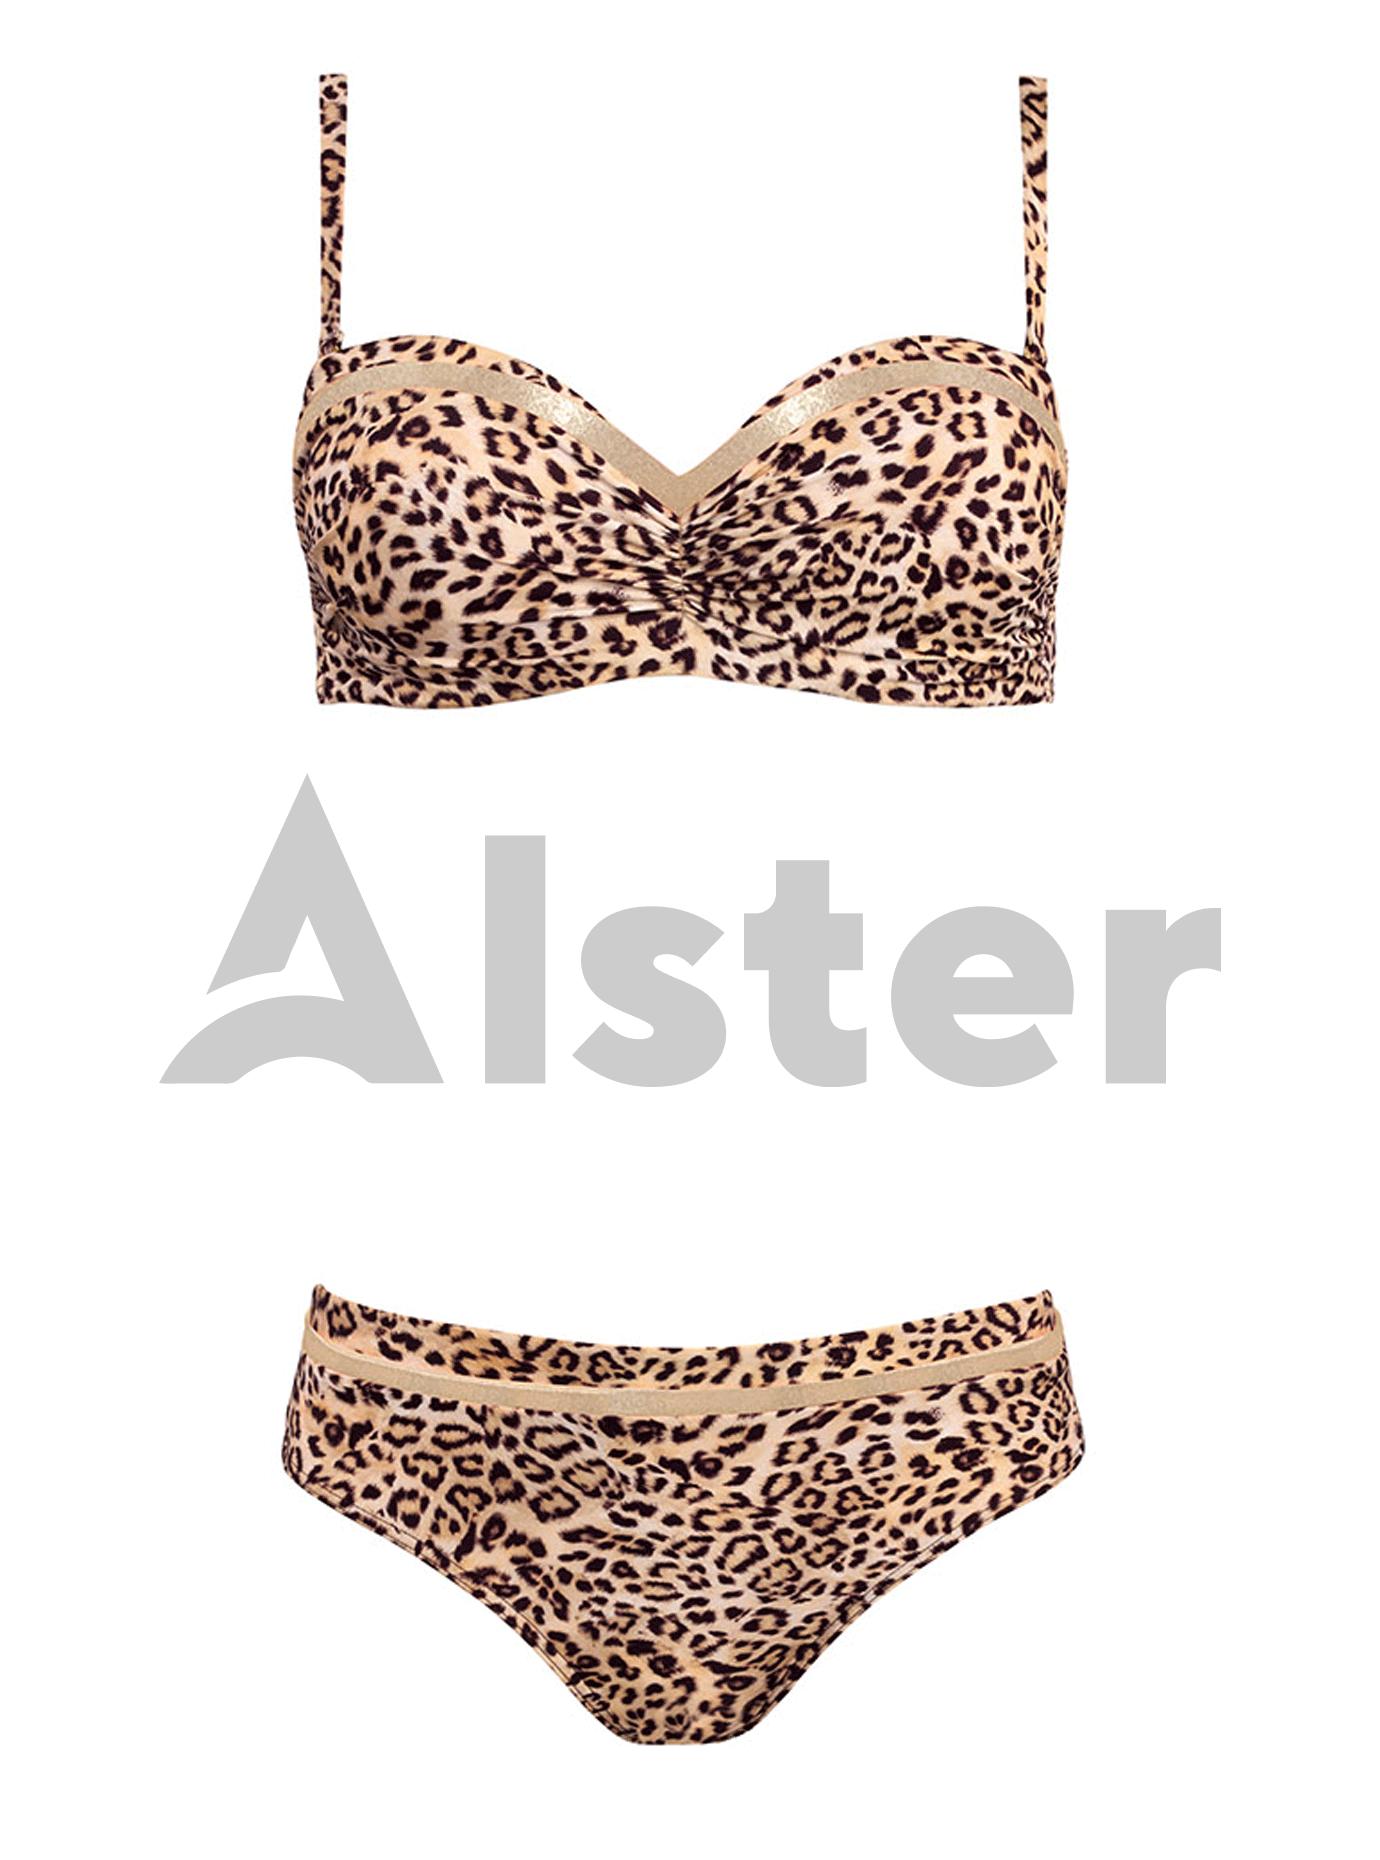 Раздельный купальник с леопардовым рисунком Золотой 44C (01-K190626): фото - Alster.ua